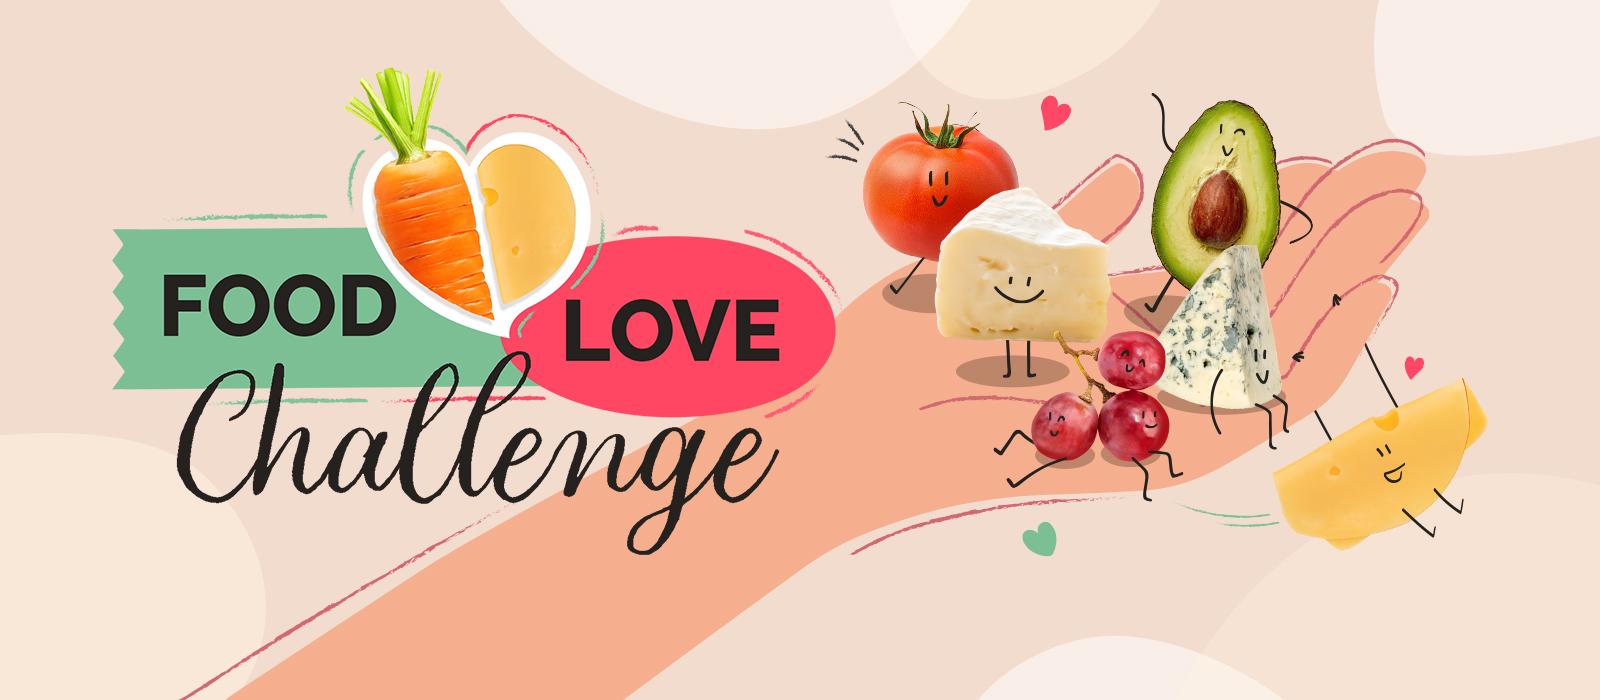 Food Love Challenge Avocado Tomate und Käse